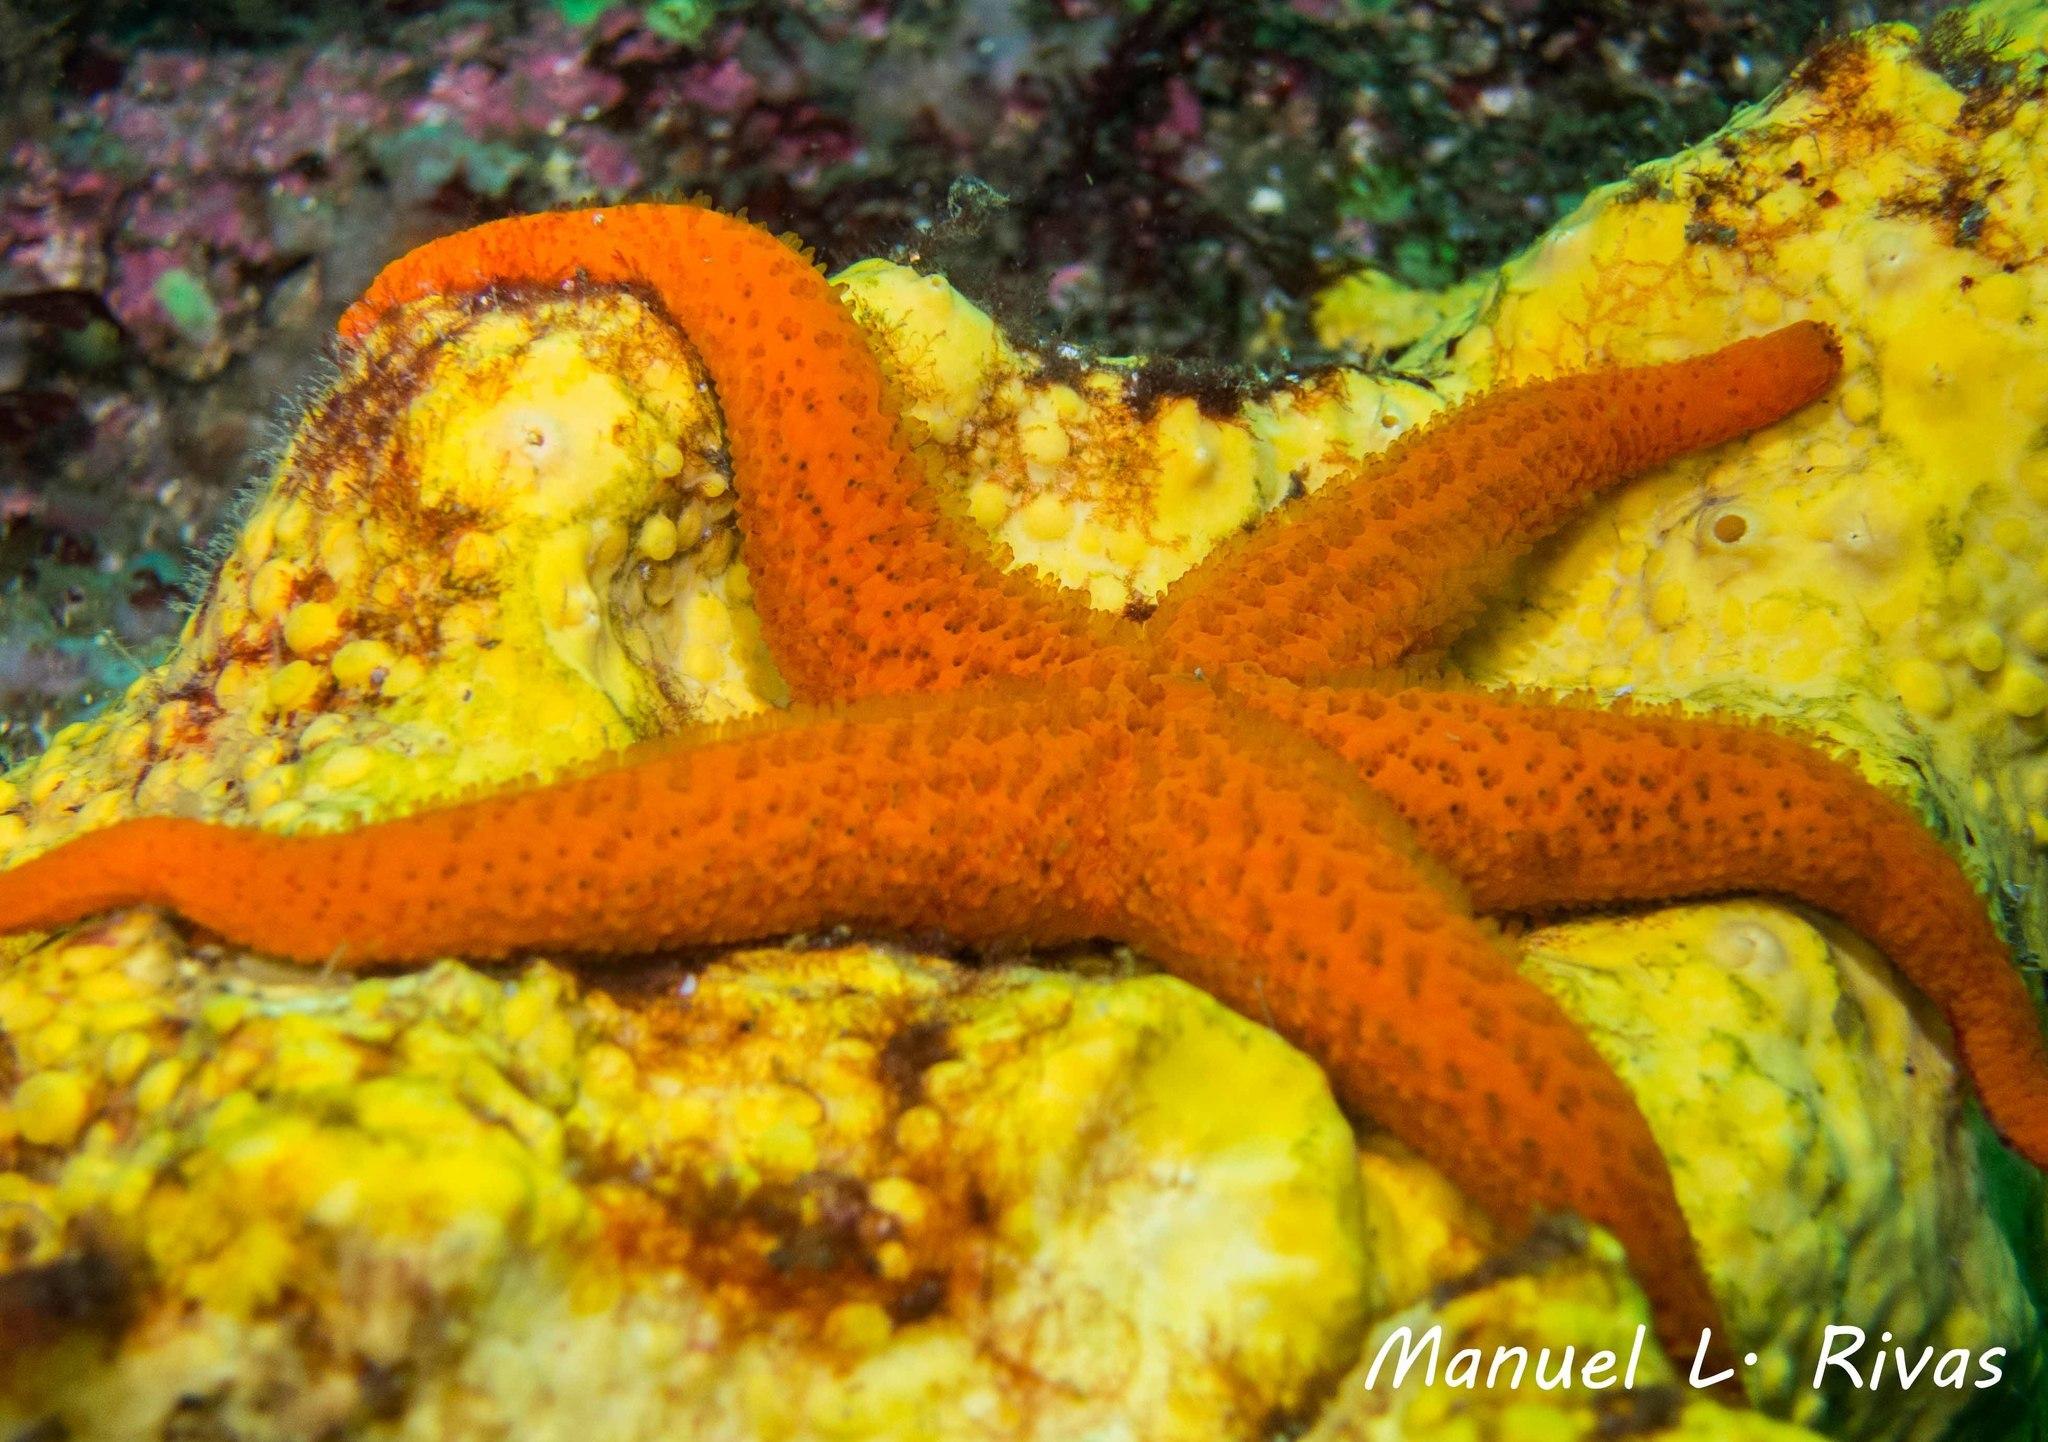 Image of red starfish